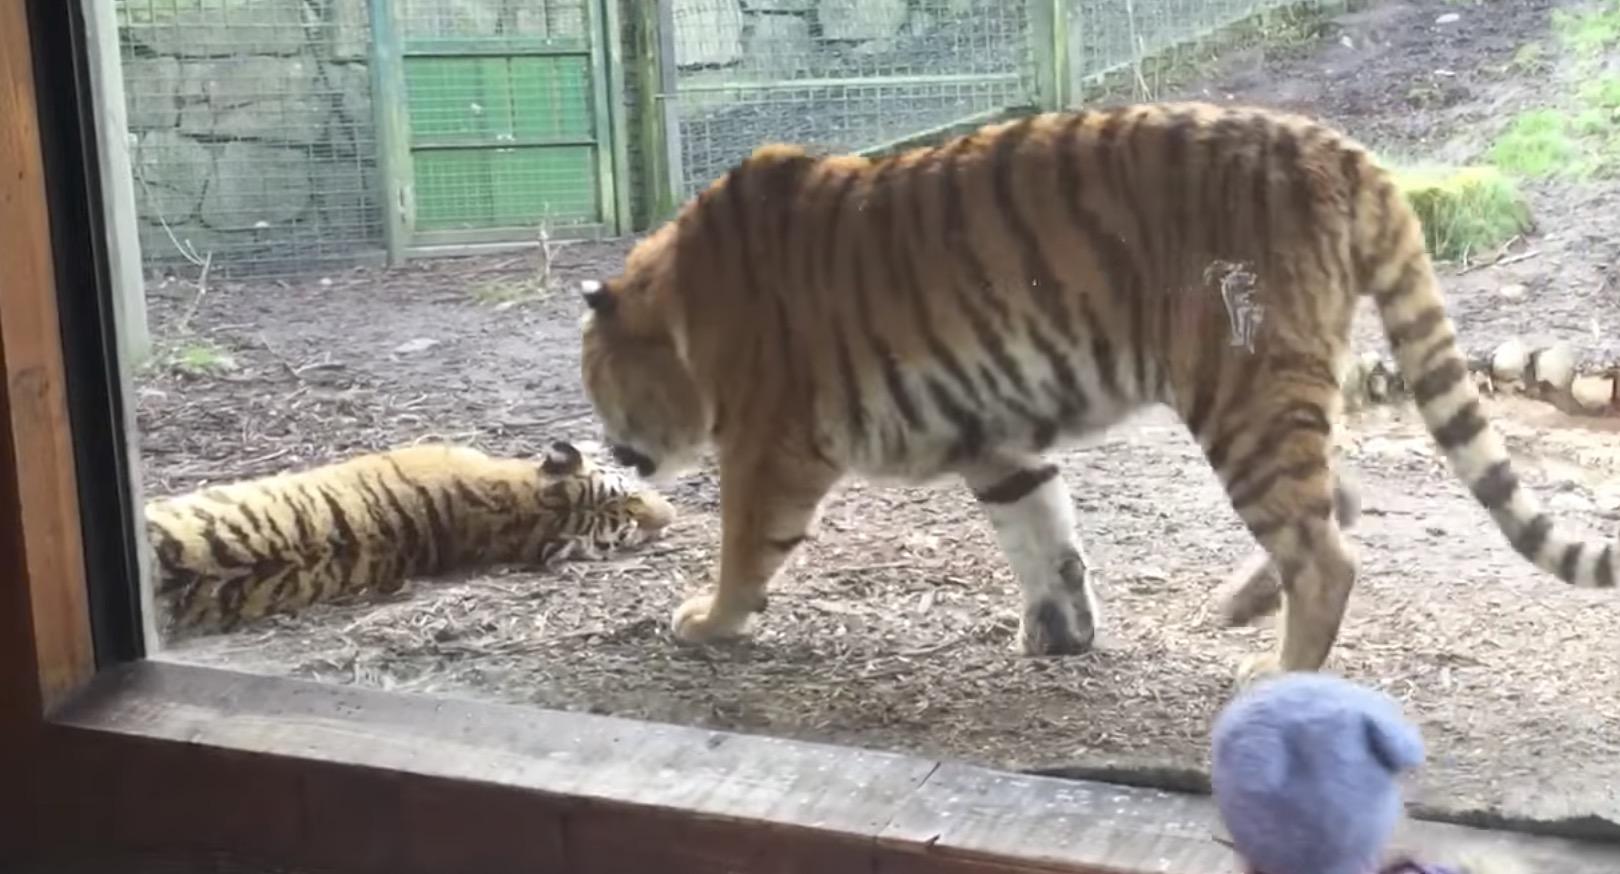 ぐっすり眠っているトラに、仲間がイタズラして大激怒!そんなに怒らなくても。。^ ^;